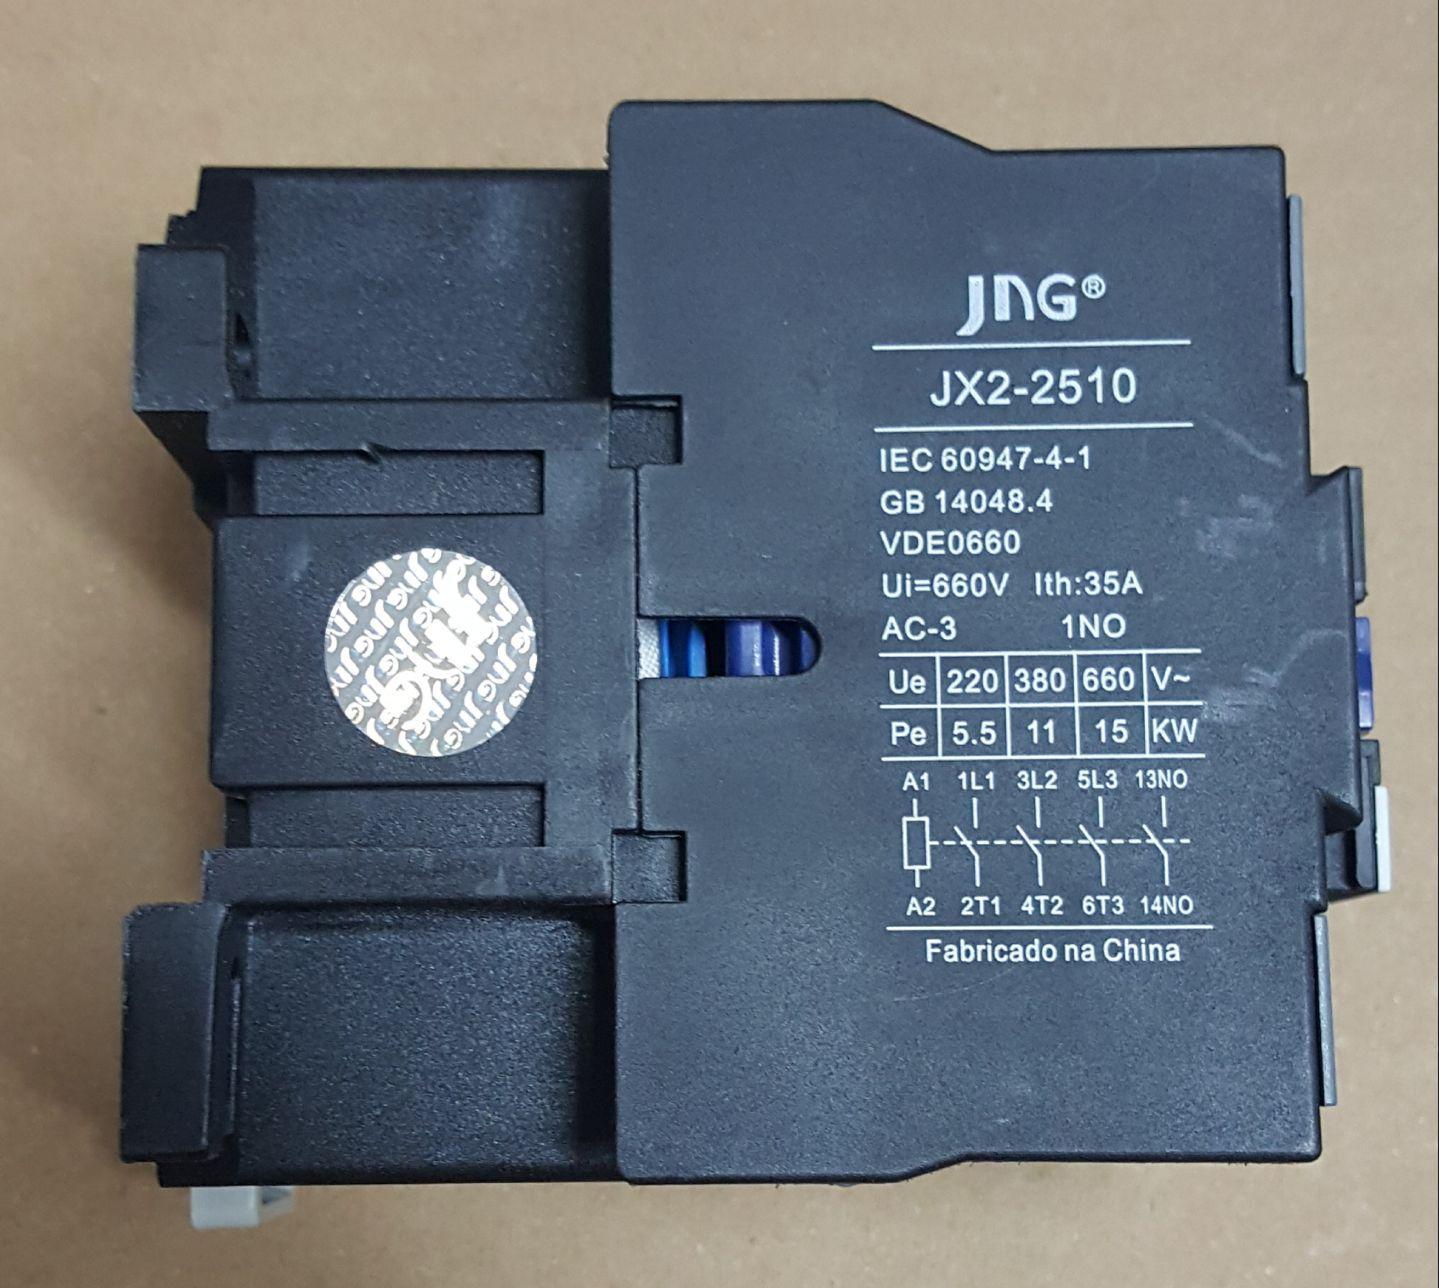 CONTATOR AUXILIAR CJX2-2510 (25 AMPERES) 380V FAIXA AJUSTE 35A